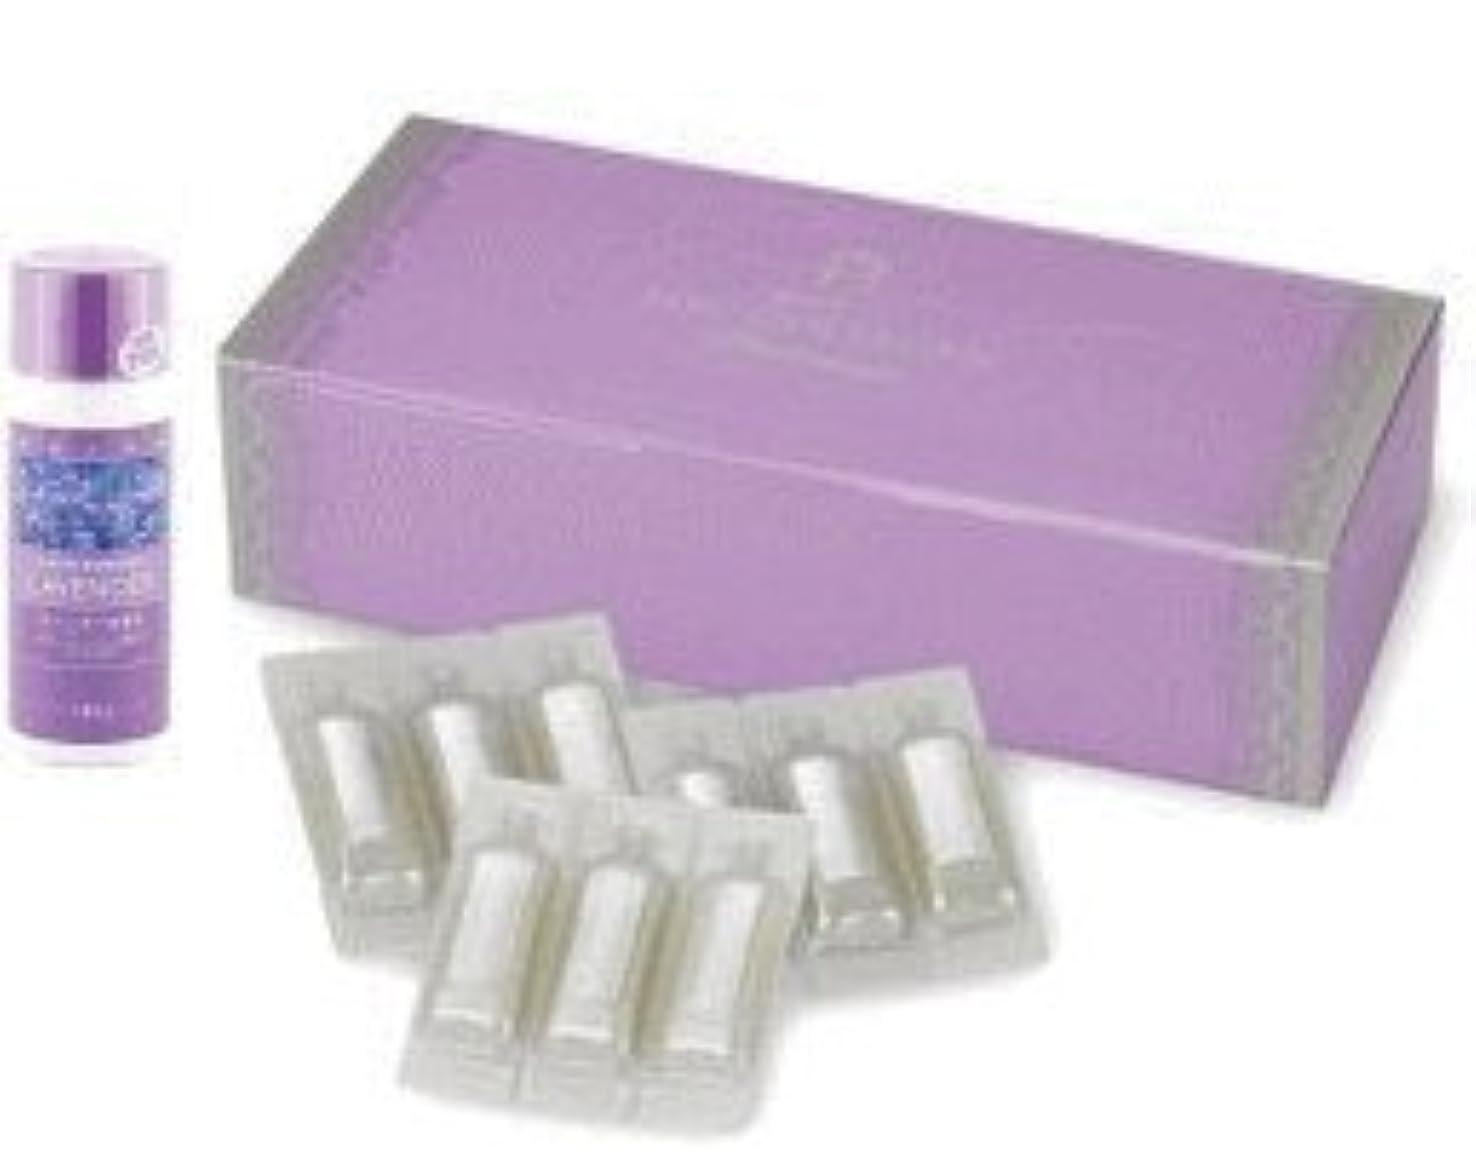 故意のブレイズ無限アリミノ 塗るサプリ HSCコラーゲンプラチナム 5ml×18本入 入浴剤セット